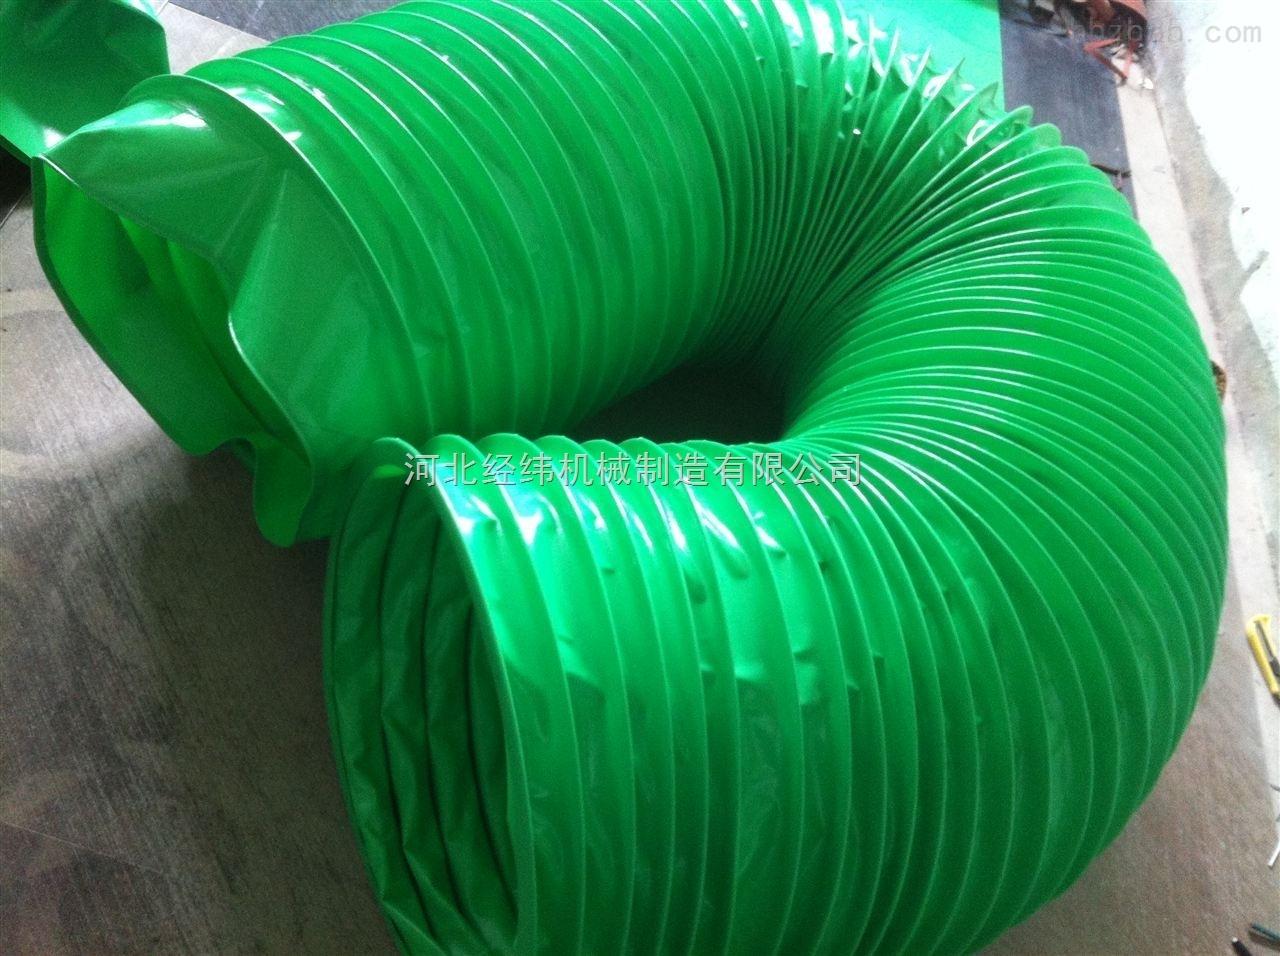 圆形丝杠活塞杆防尘罩 阻燃防水防护罩